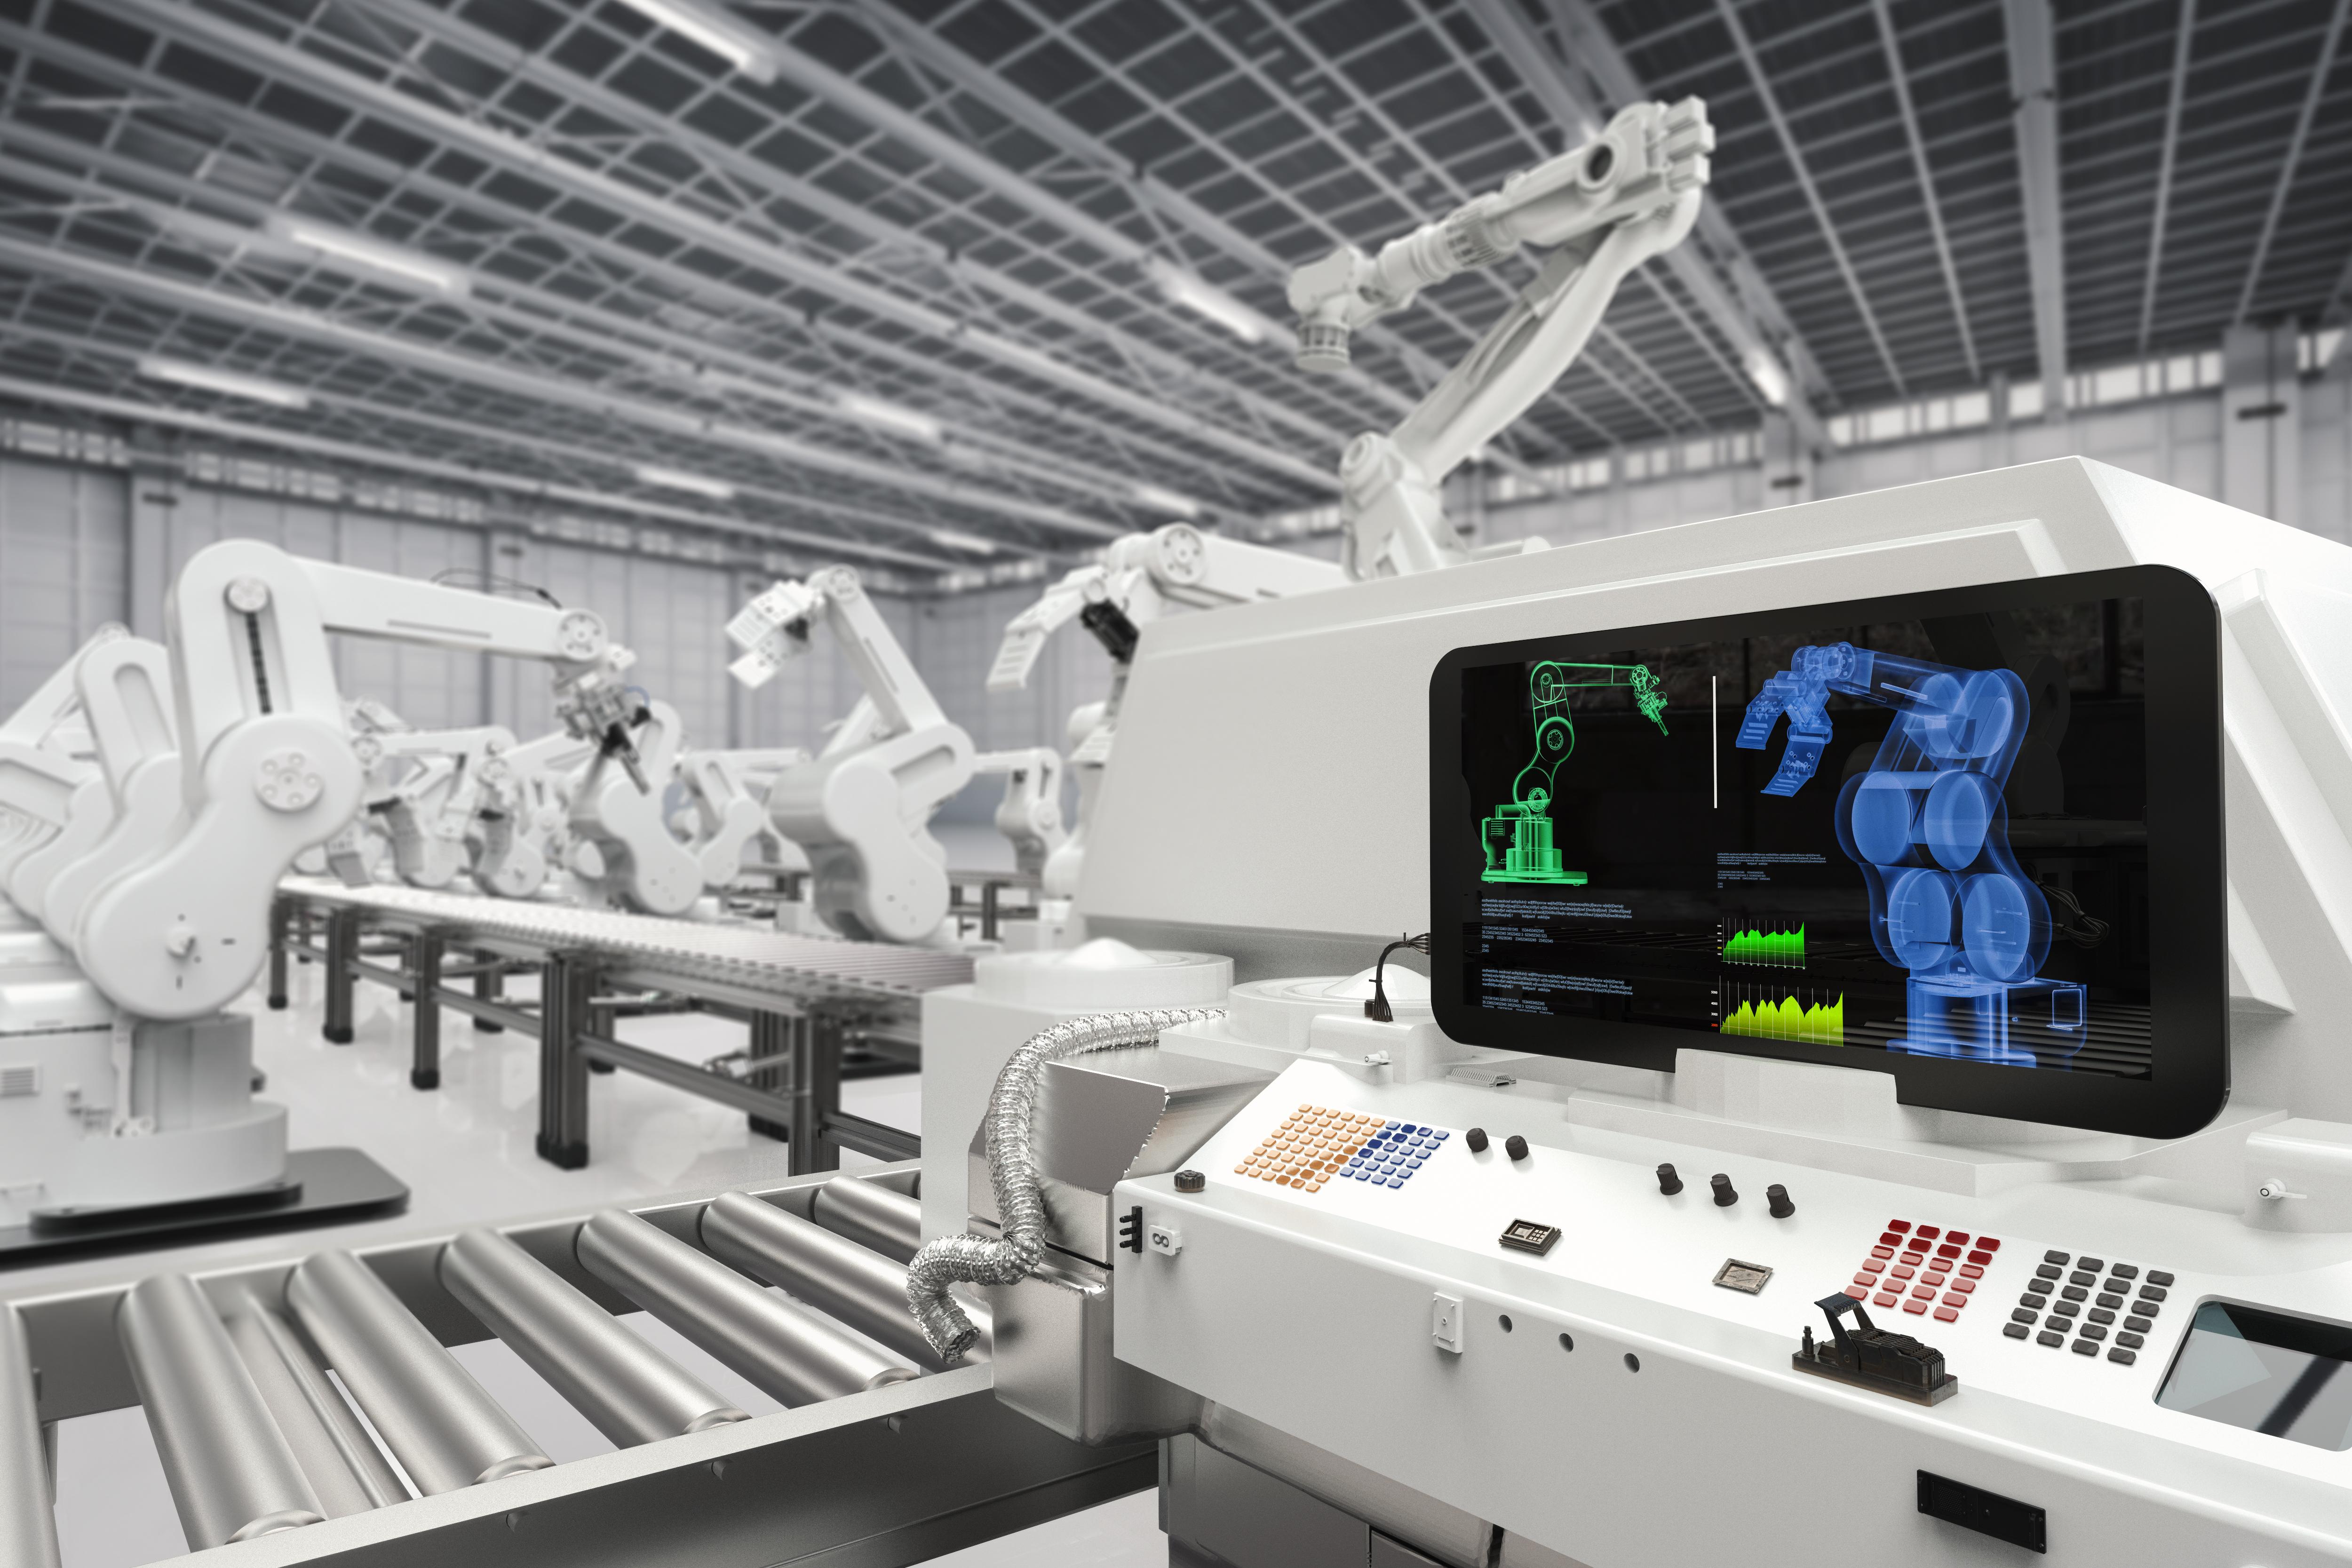 IA en el sector de fabricación: pequeñas soluciones con grandes resultados